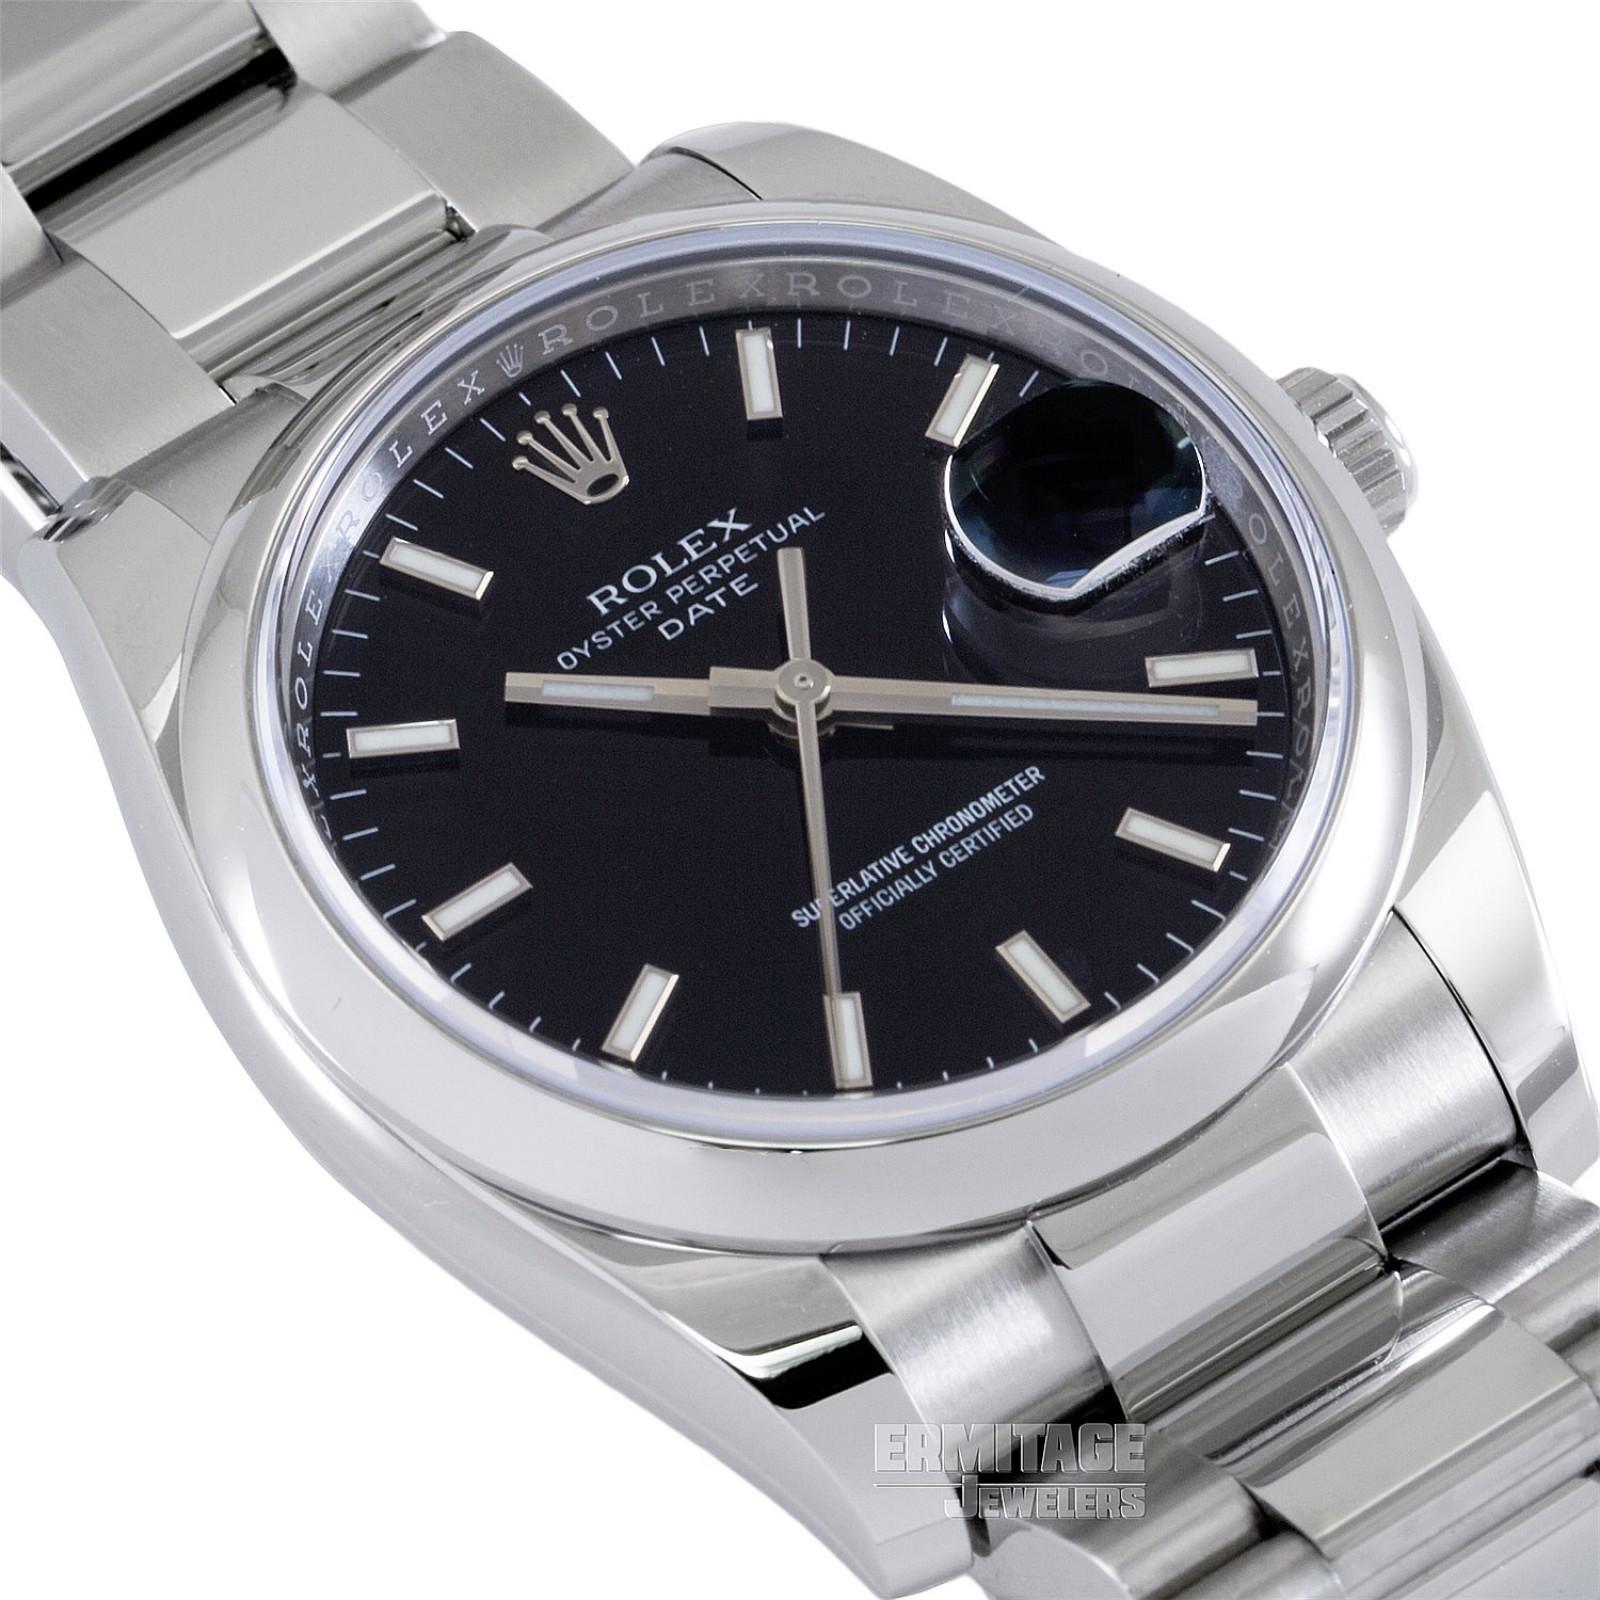 2019 Rolex Date Ref. 115200